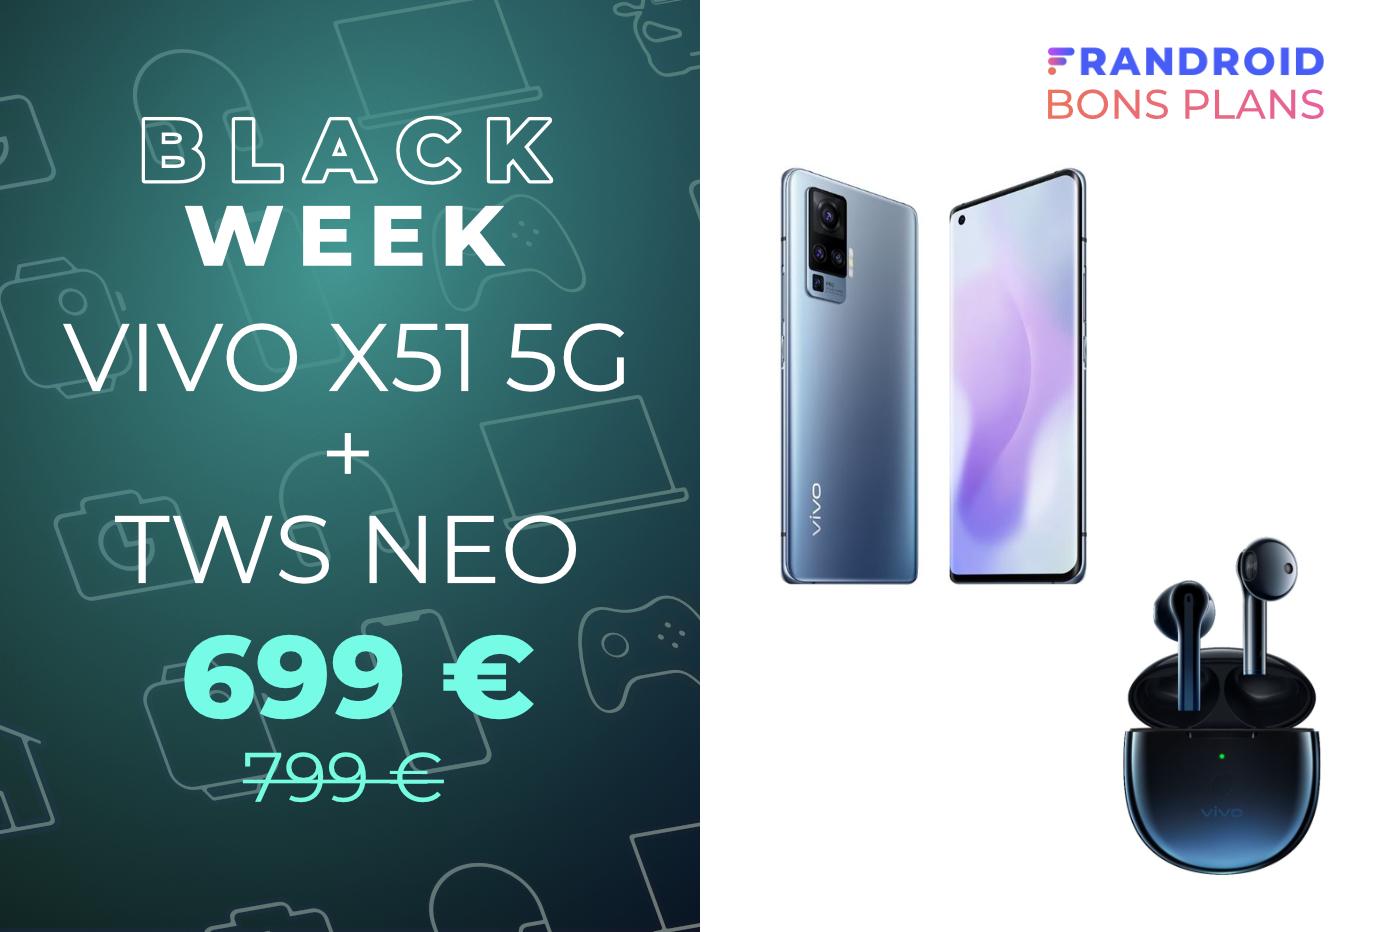 Le Vivo X51 5G est à 699 € au lieu de 799 avec des écouteurs sans fil offerts